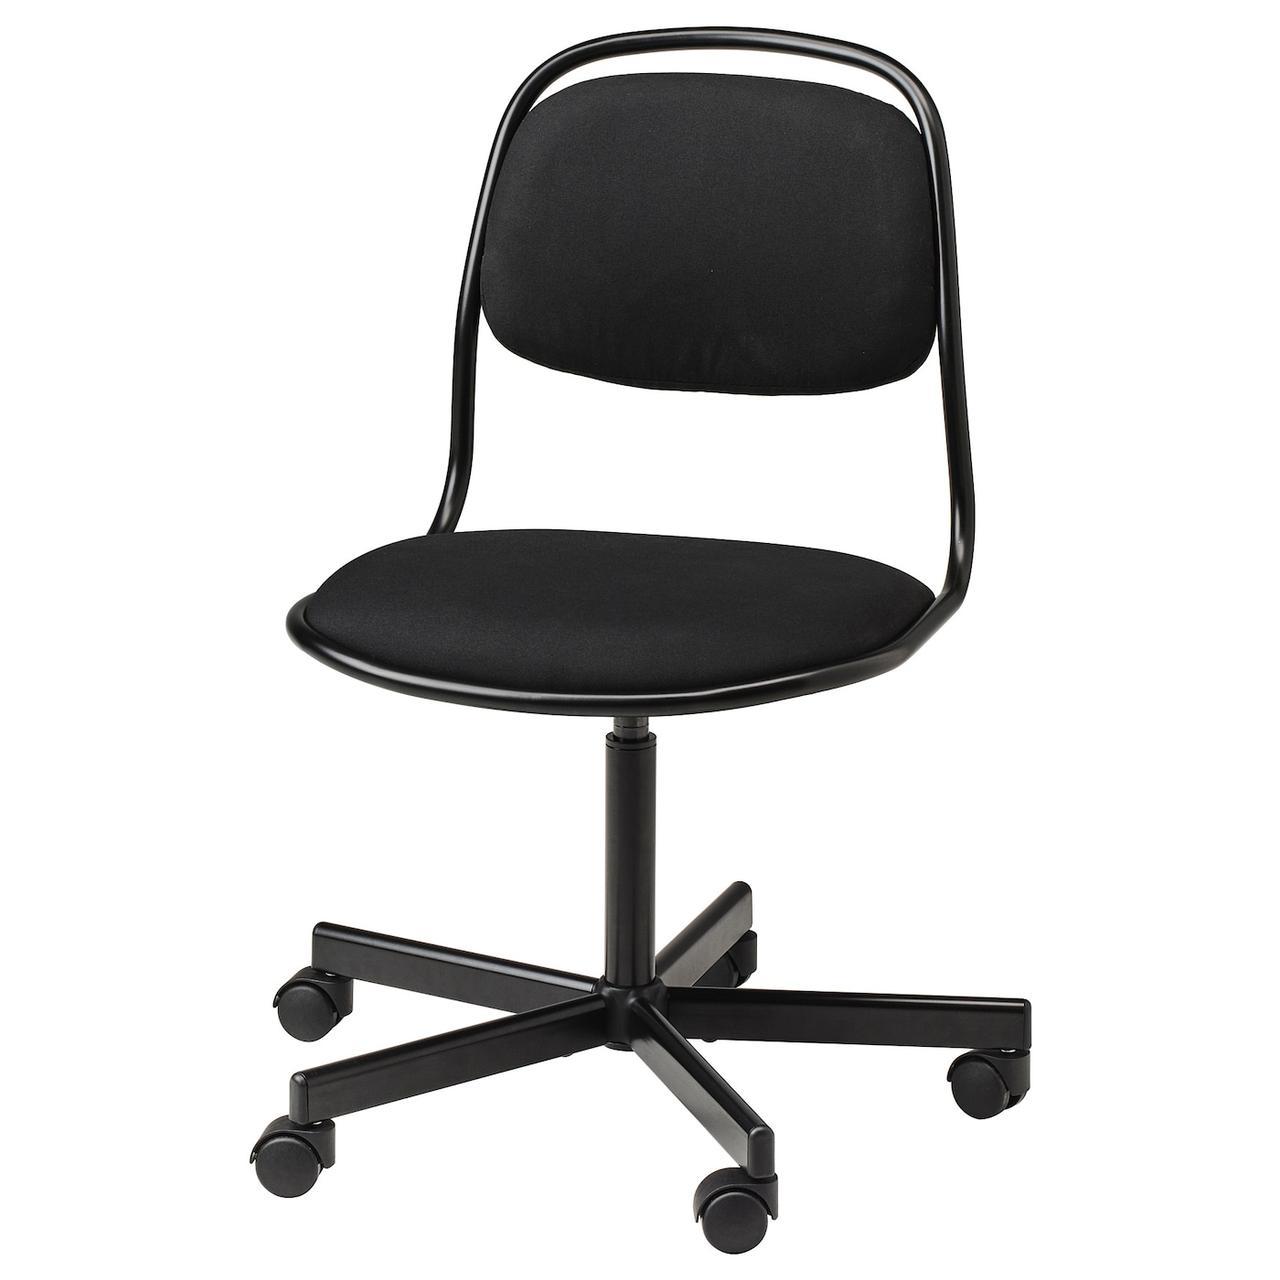 Компьютерное кресло IKEA ÖRFJÄLL Vissle черное 493.030.72